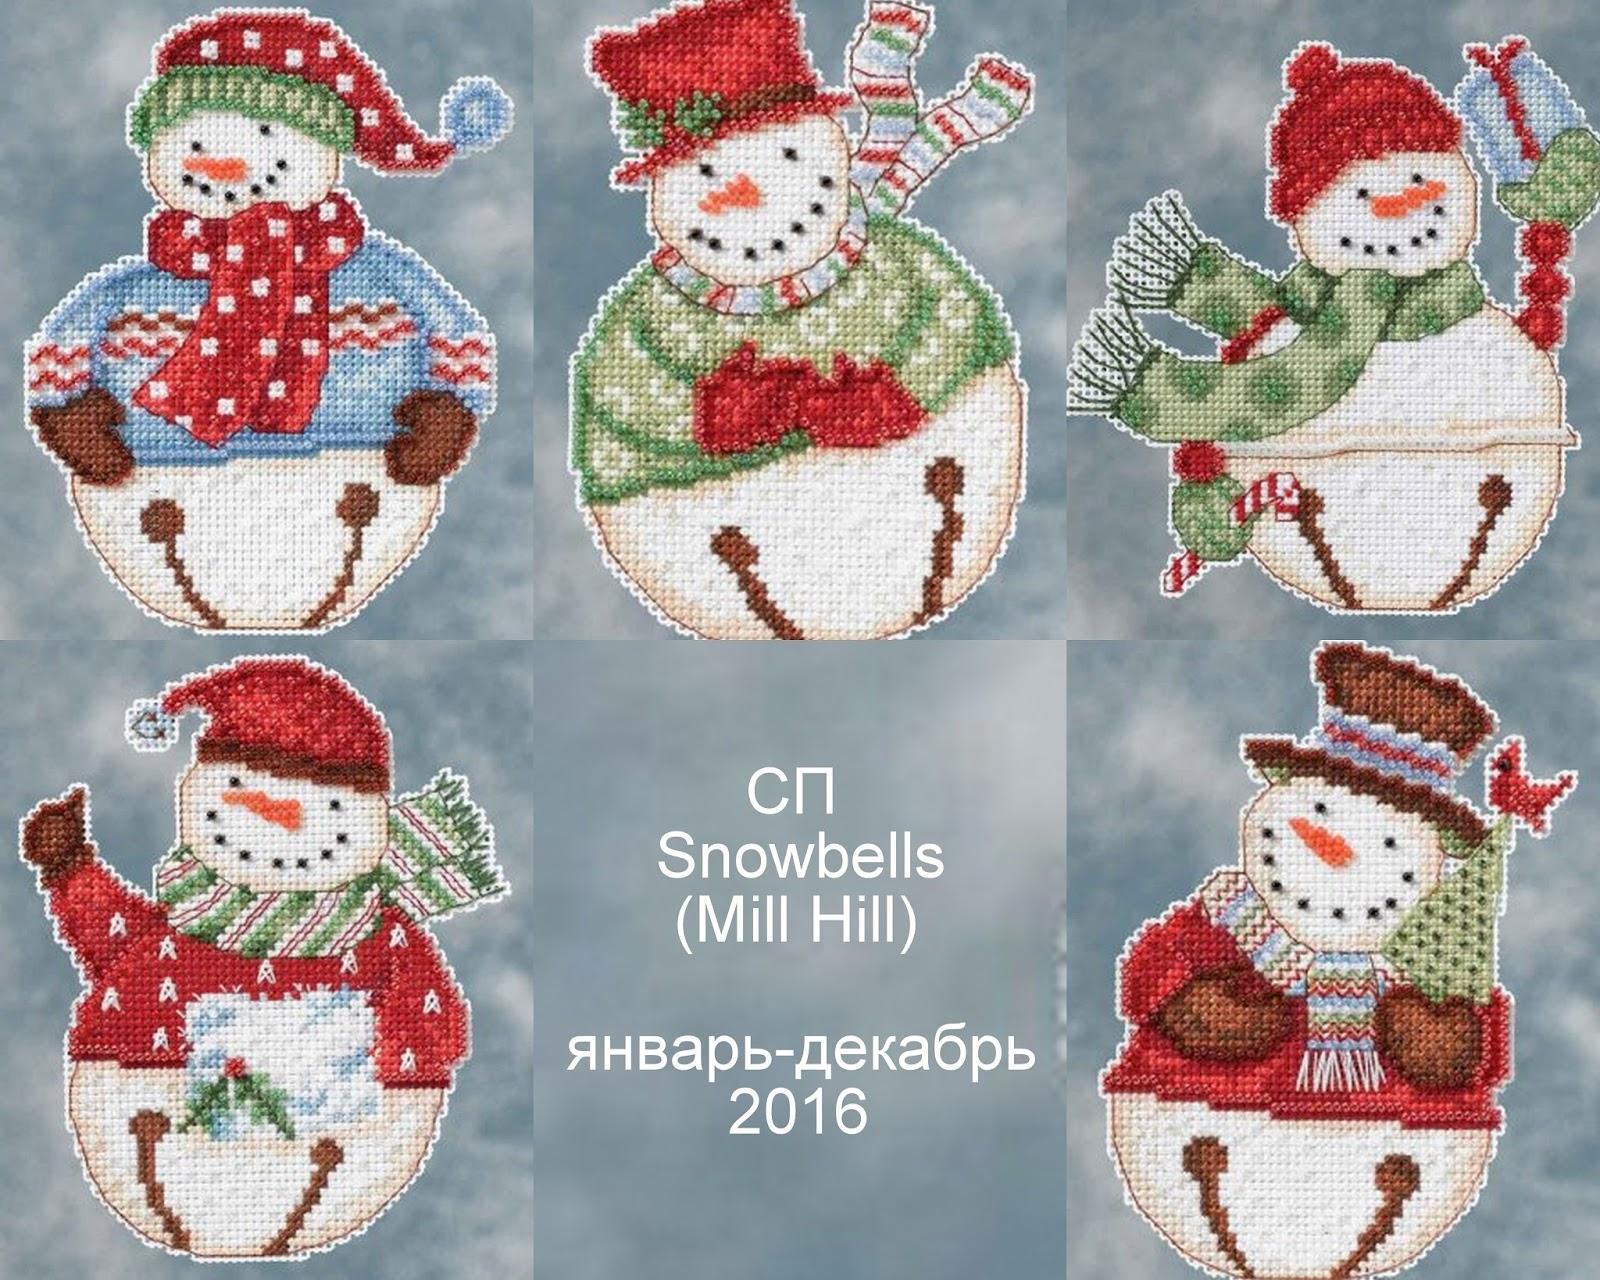 СП снеговички